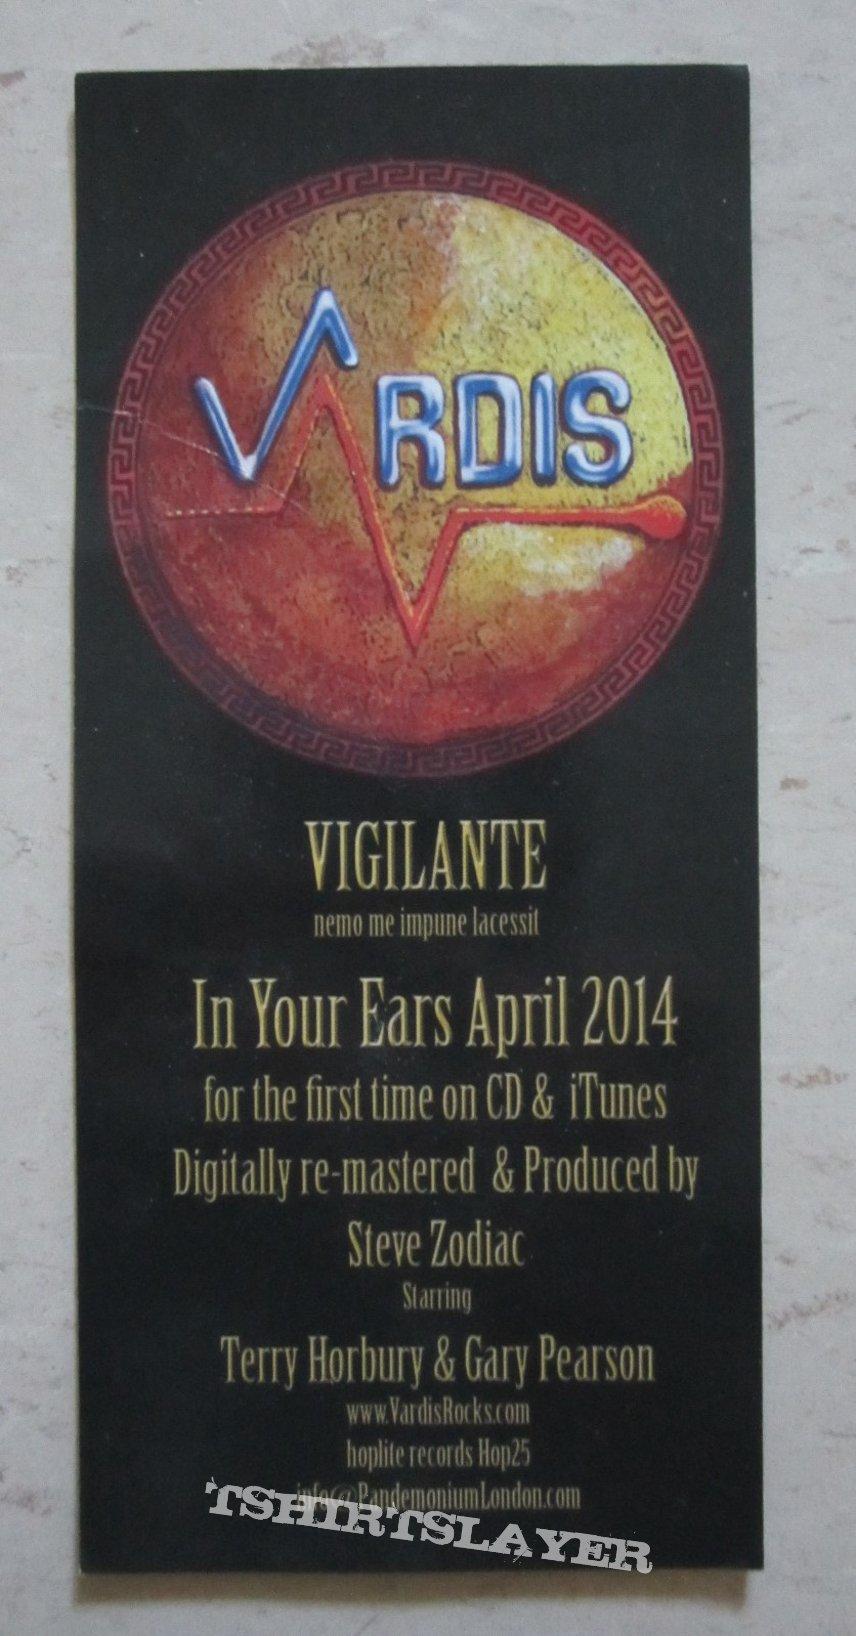 Vardis - Vigilante (promo flyer)